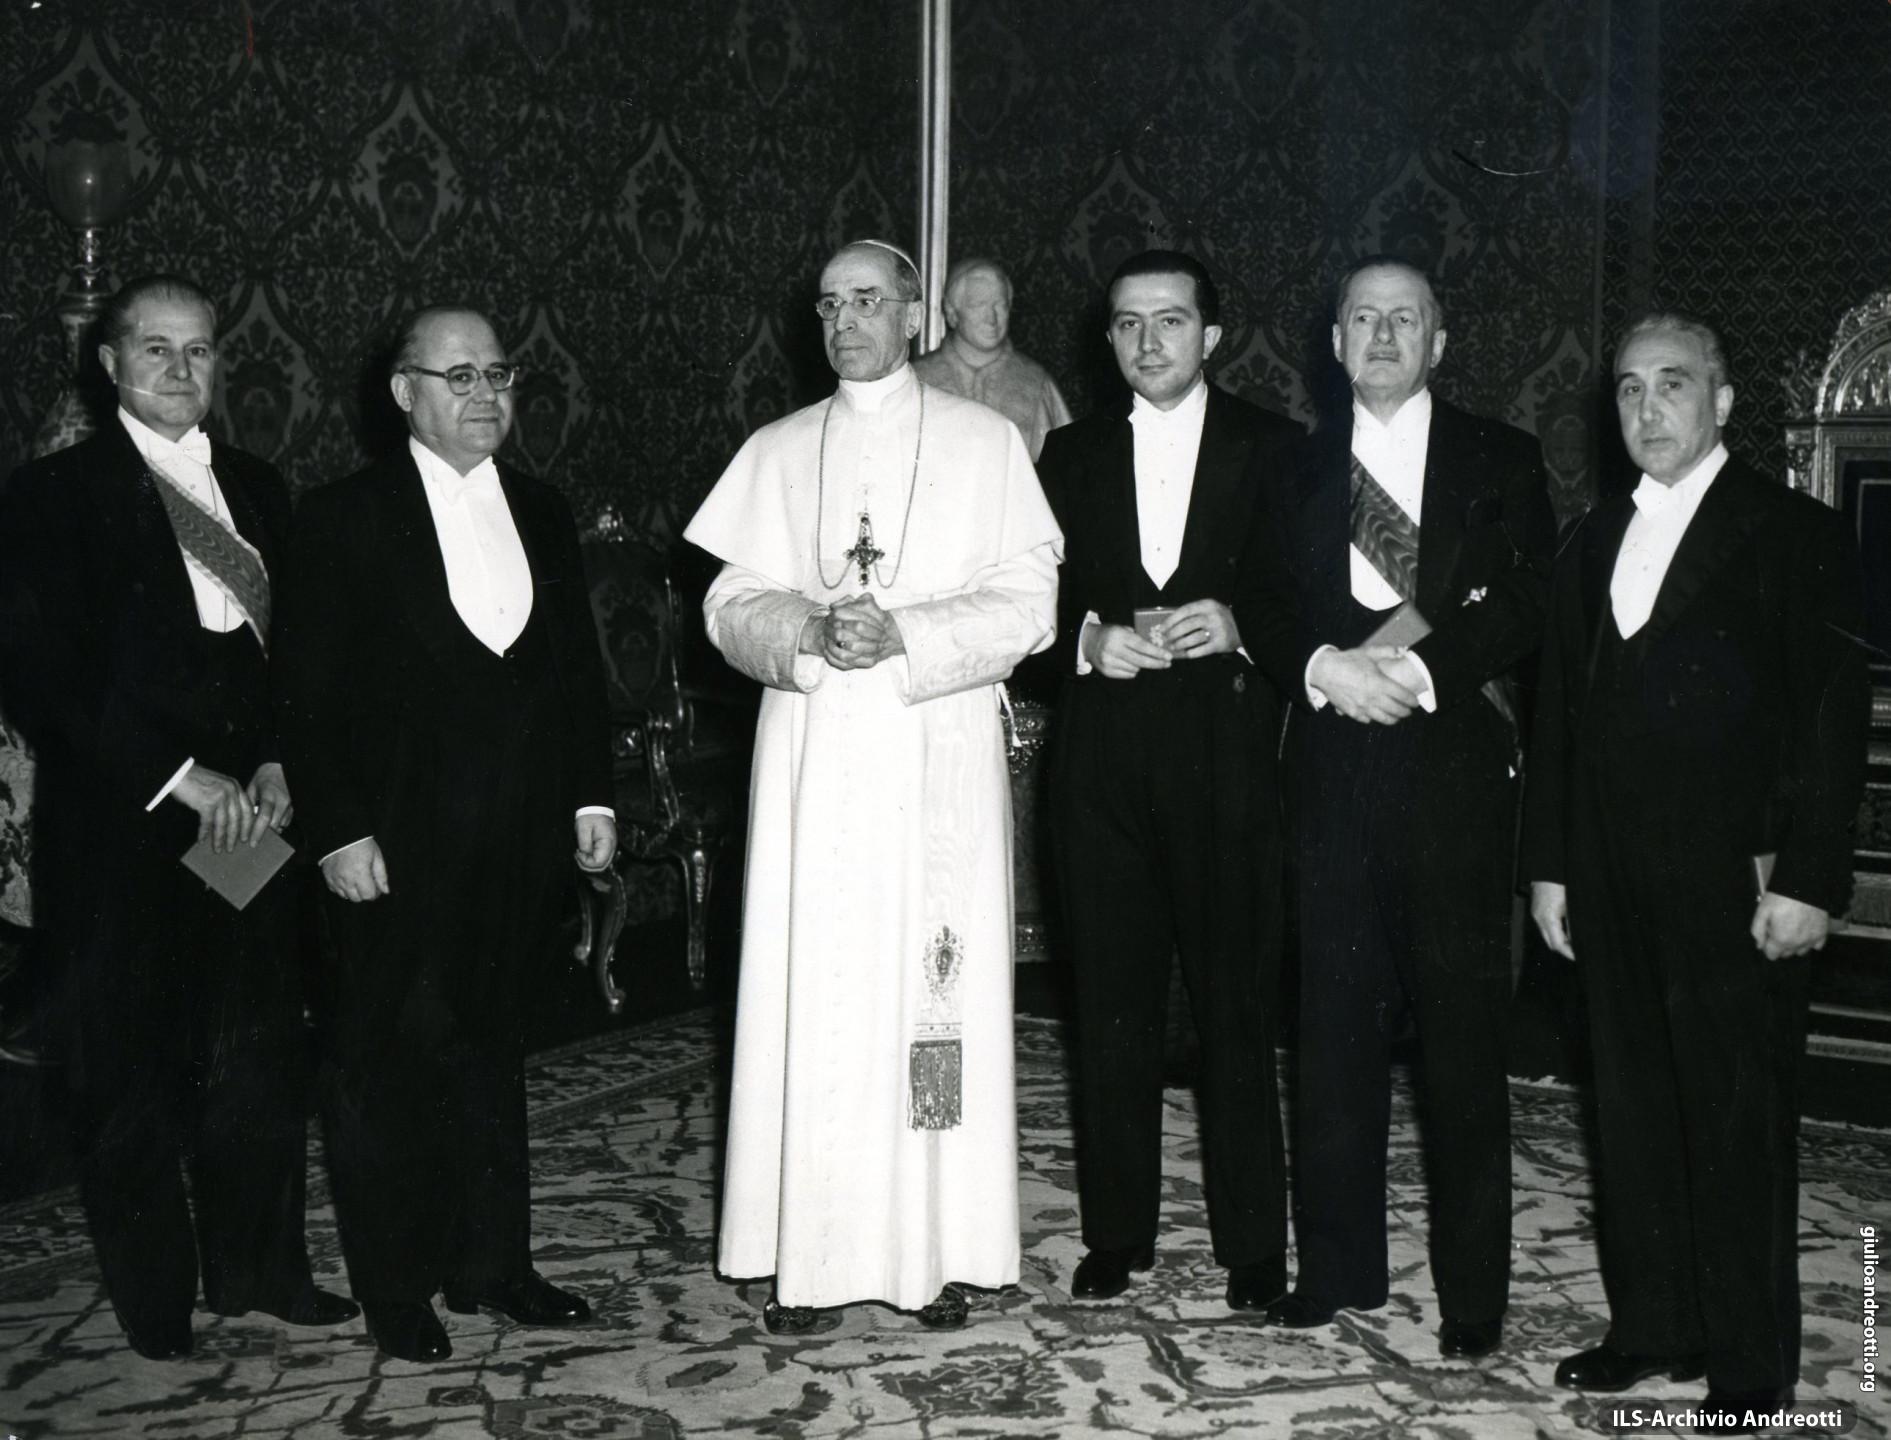 Delegazione governativa con Andreotti e Gonella ricevuta da Pio XII in occasione dell'Anno Santo 1950.